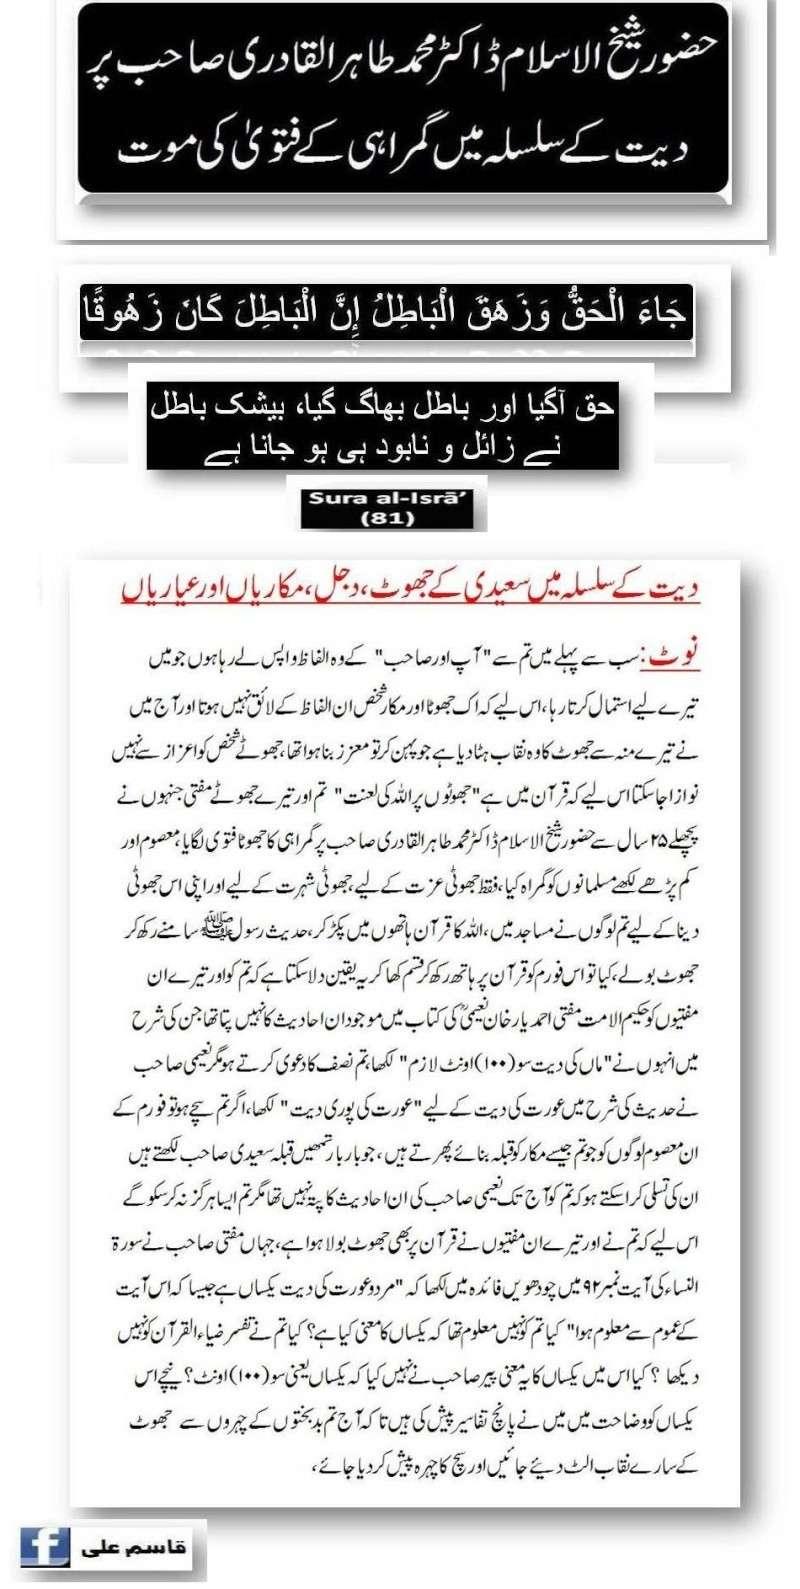 دیت کی جعلی فتوی فیکٹری پر منہاج القرآن کی فتح کا جھنڈا - Page 2 1d10